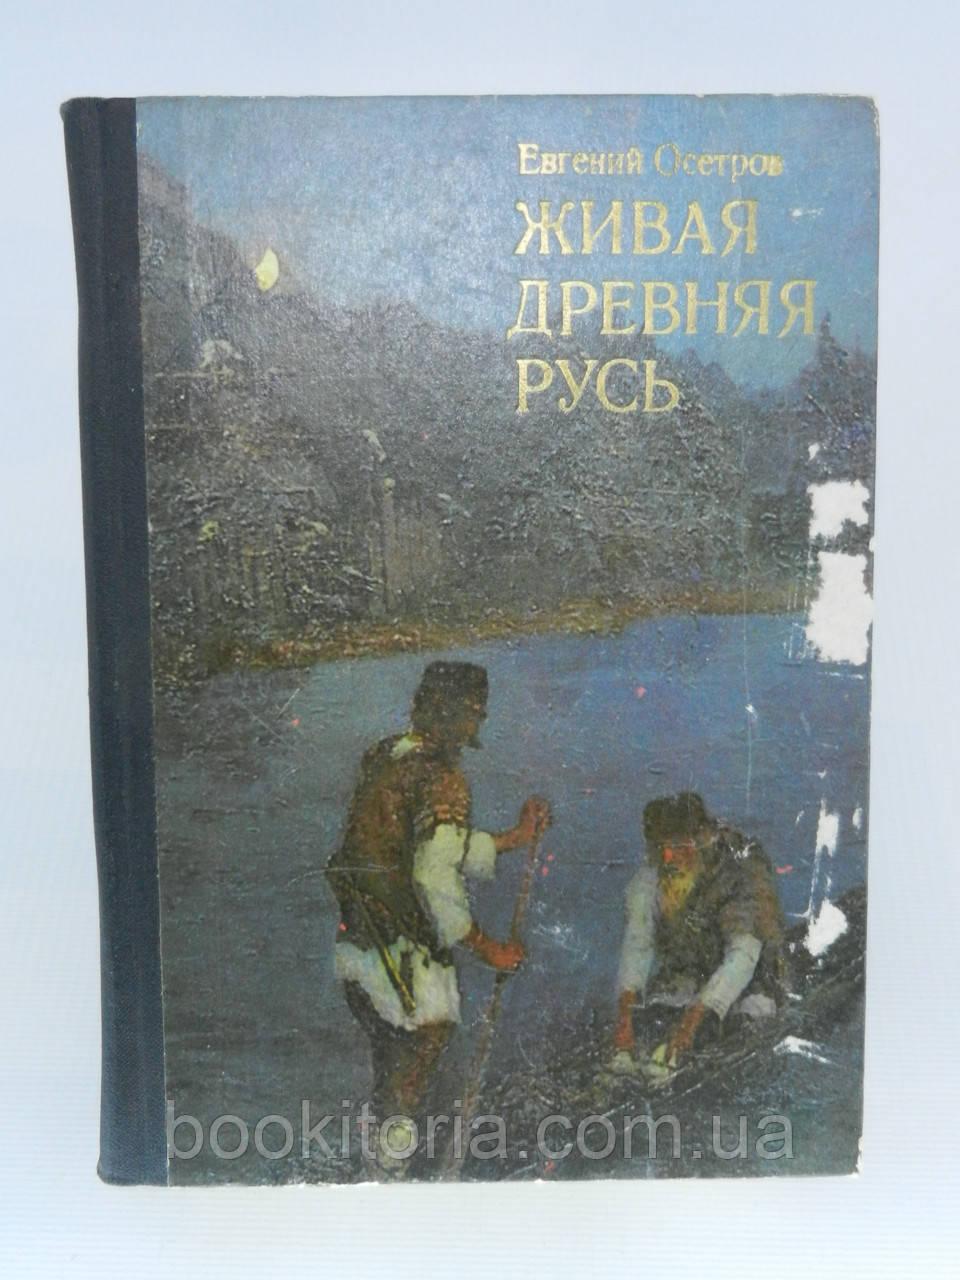 Осетров Е. Живая древняя Русь (б/у).